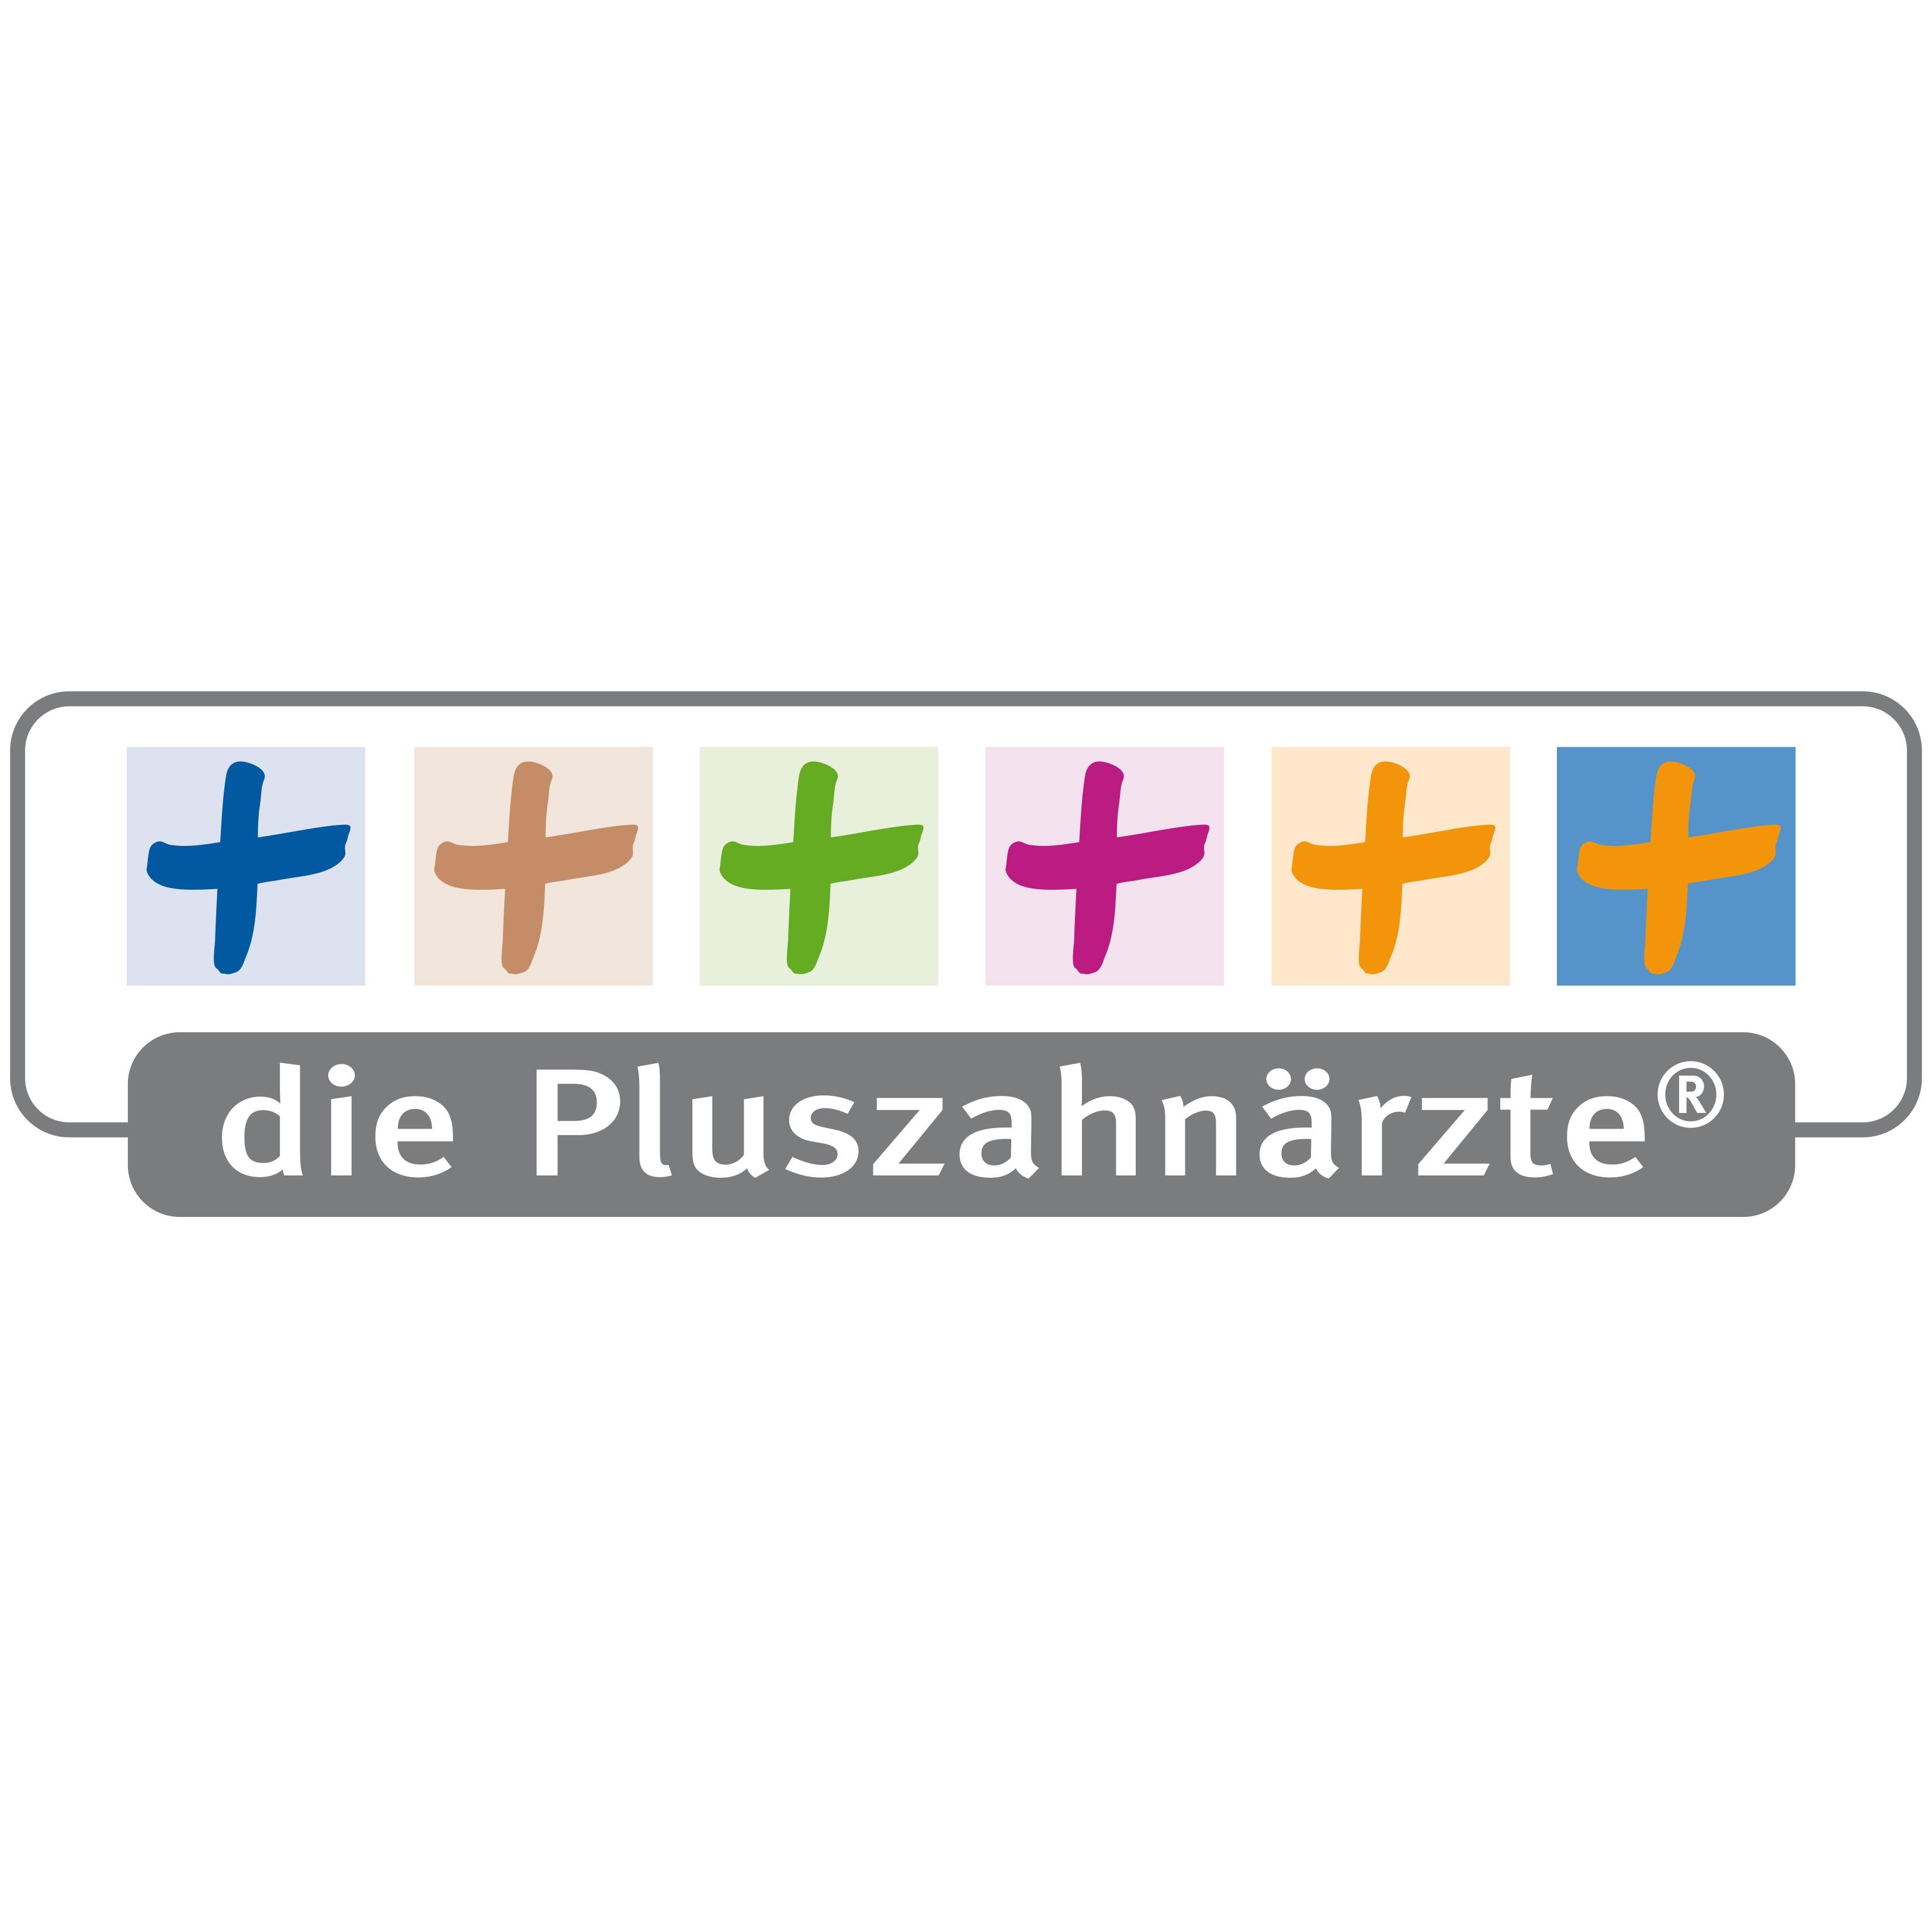 Bild zu die Pluszahnärzte® Zahnarztpraxen in der Graf-Adolf-Straße 24 in Düsseldorf